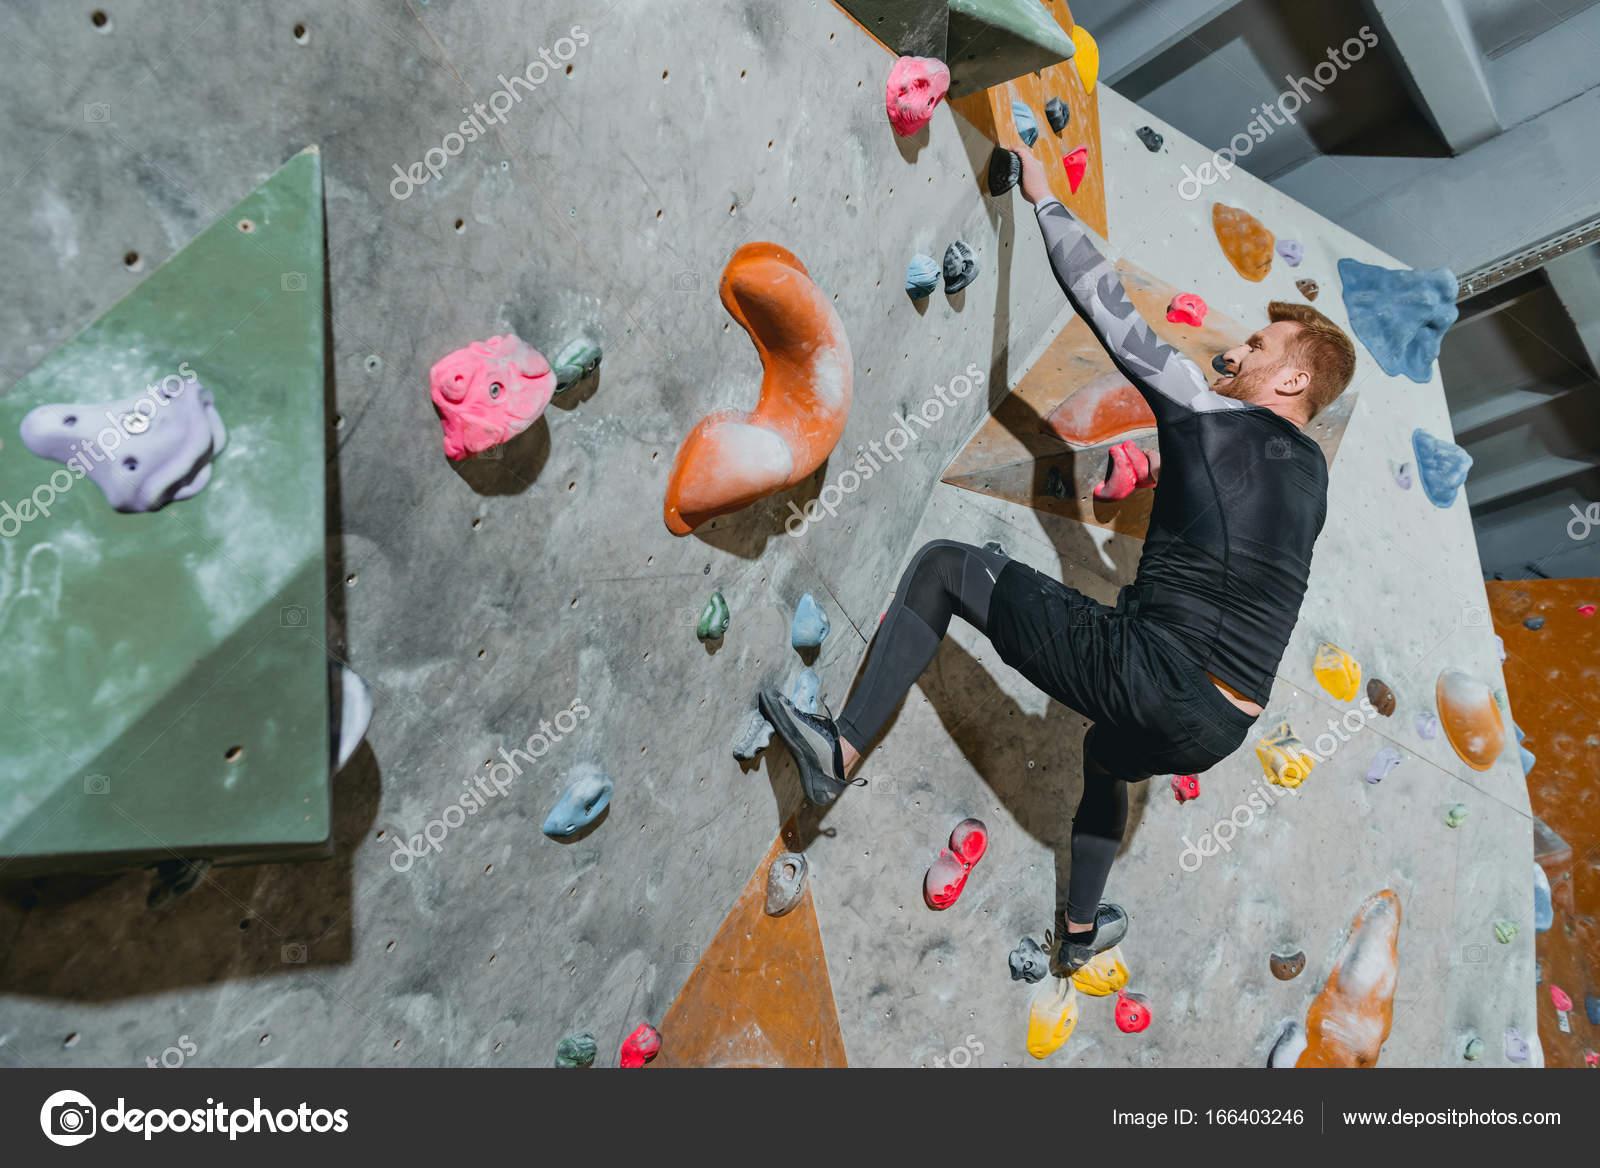 mann-kletterwand mit griffen — stockfoto © arturverkhovetskiy #166403246